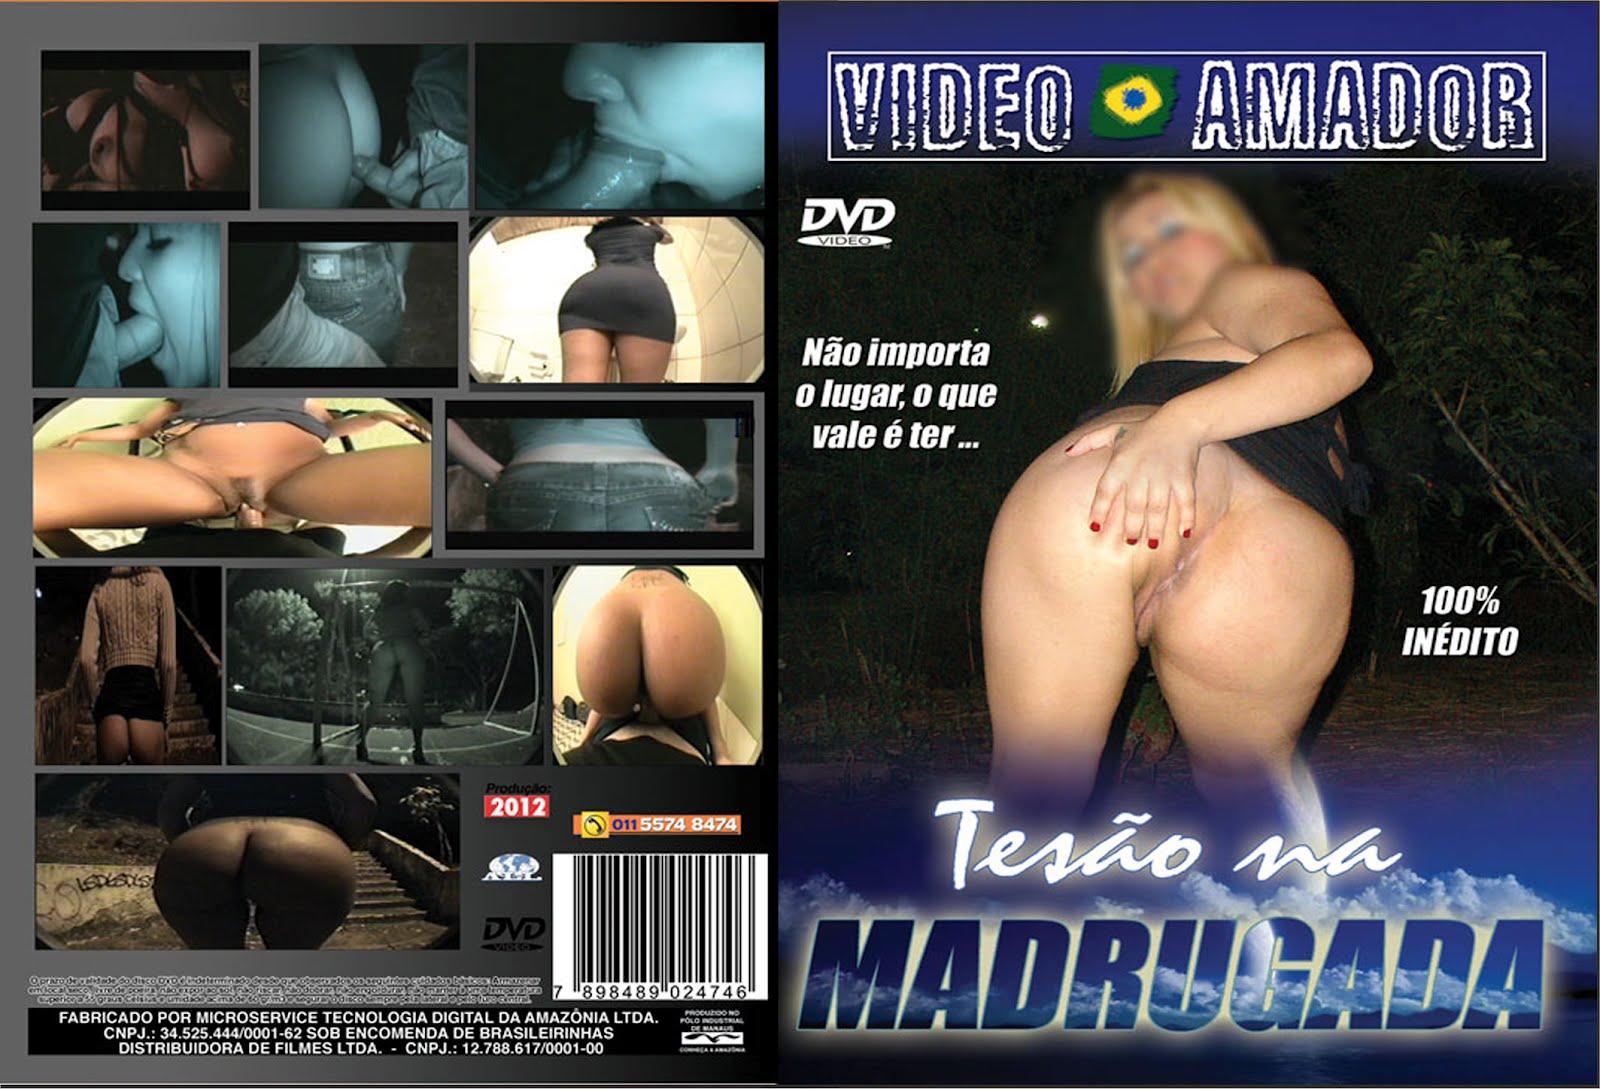 Resultado de imagem para Video Amador Tesao na Madrugada